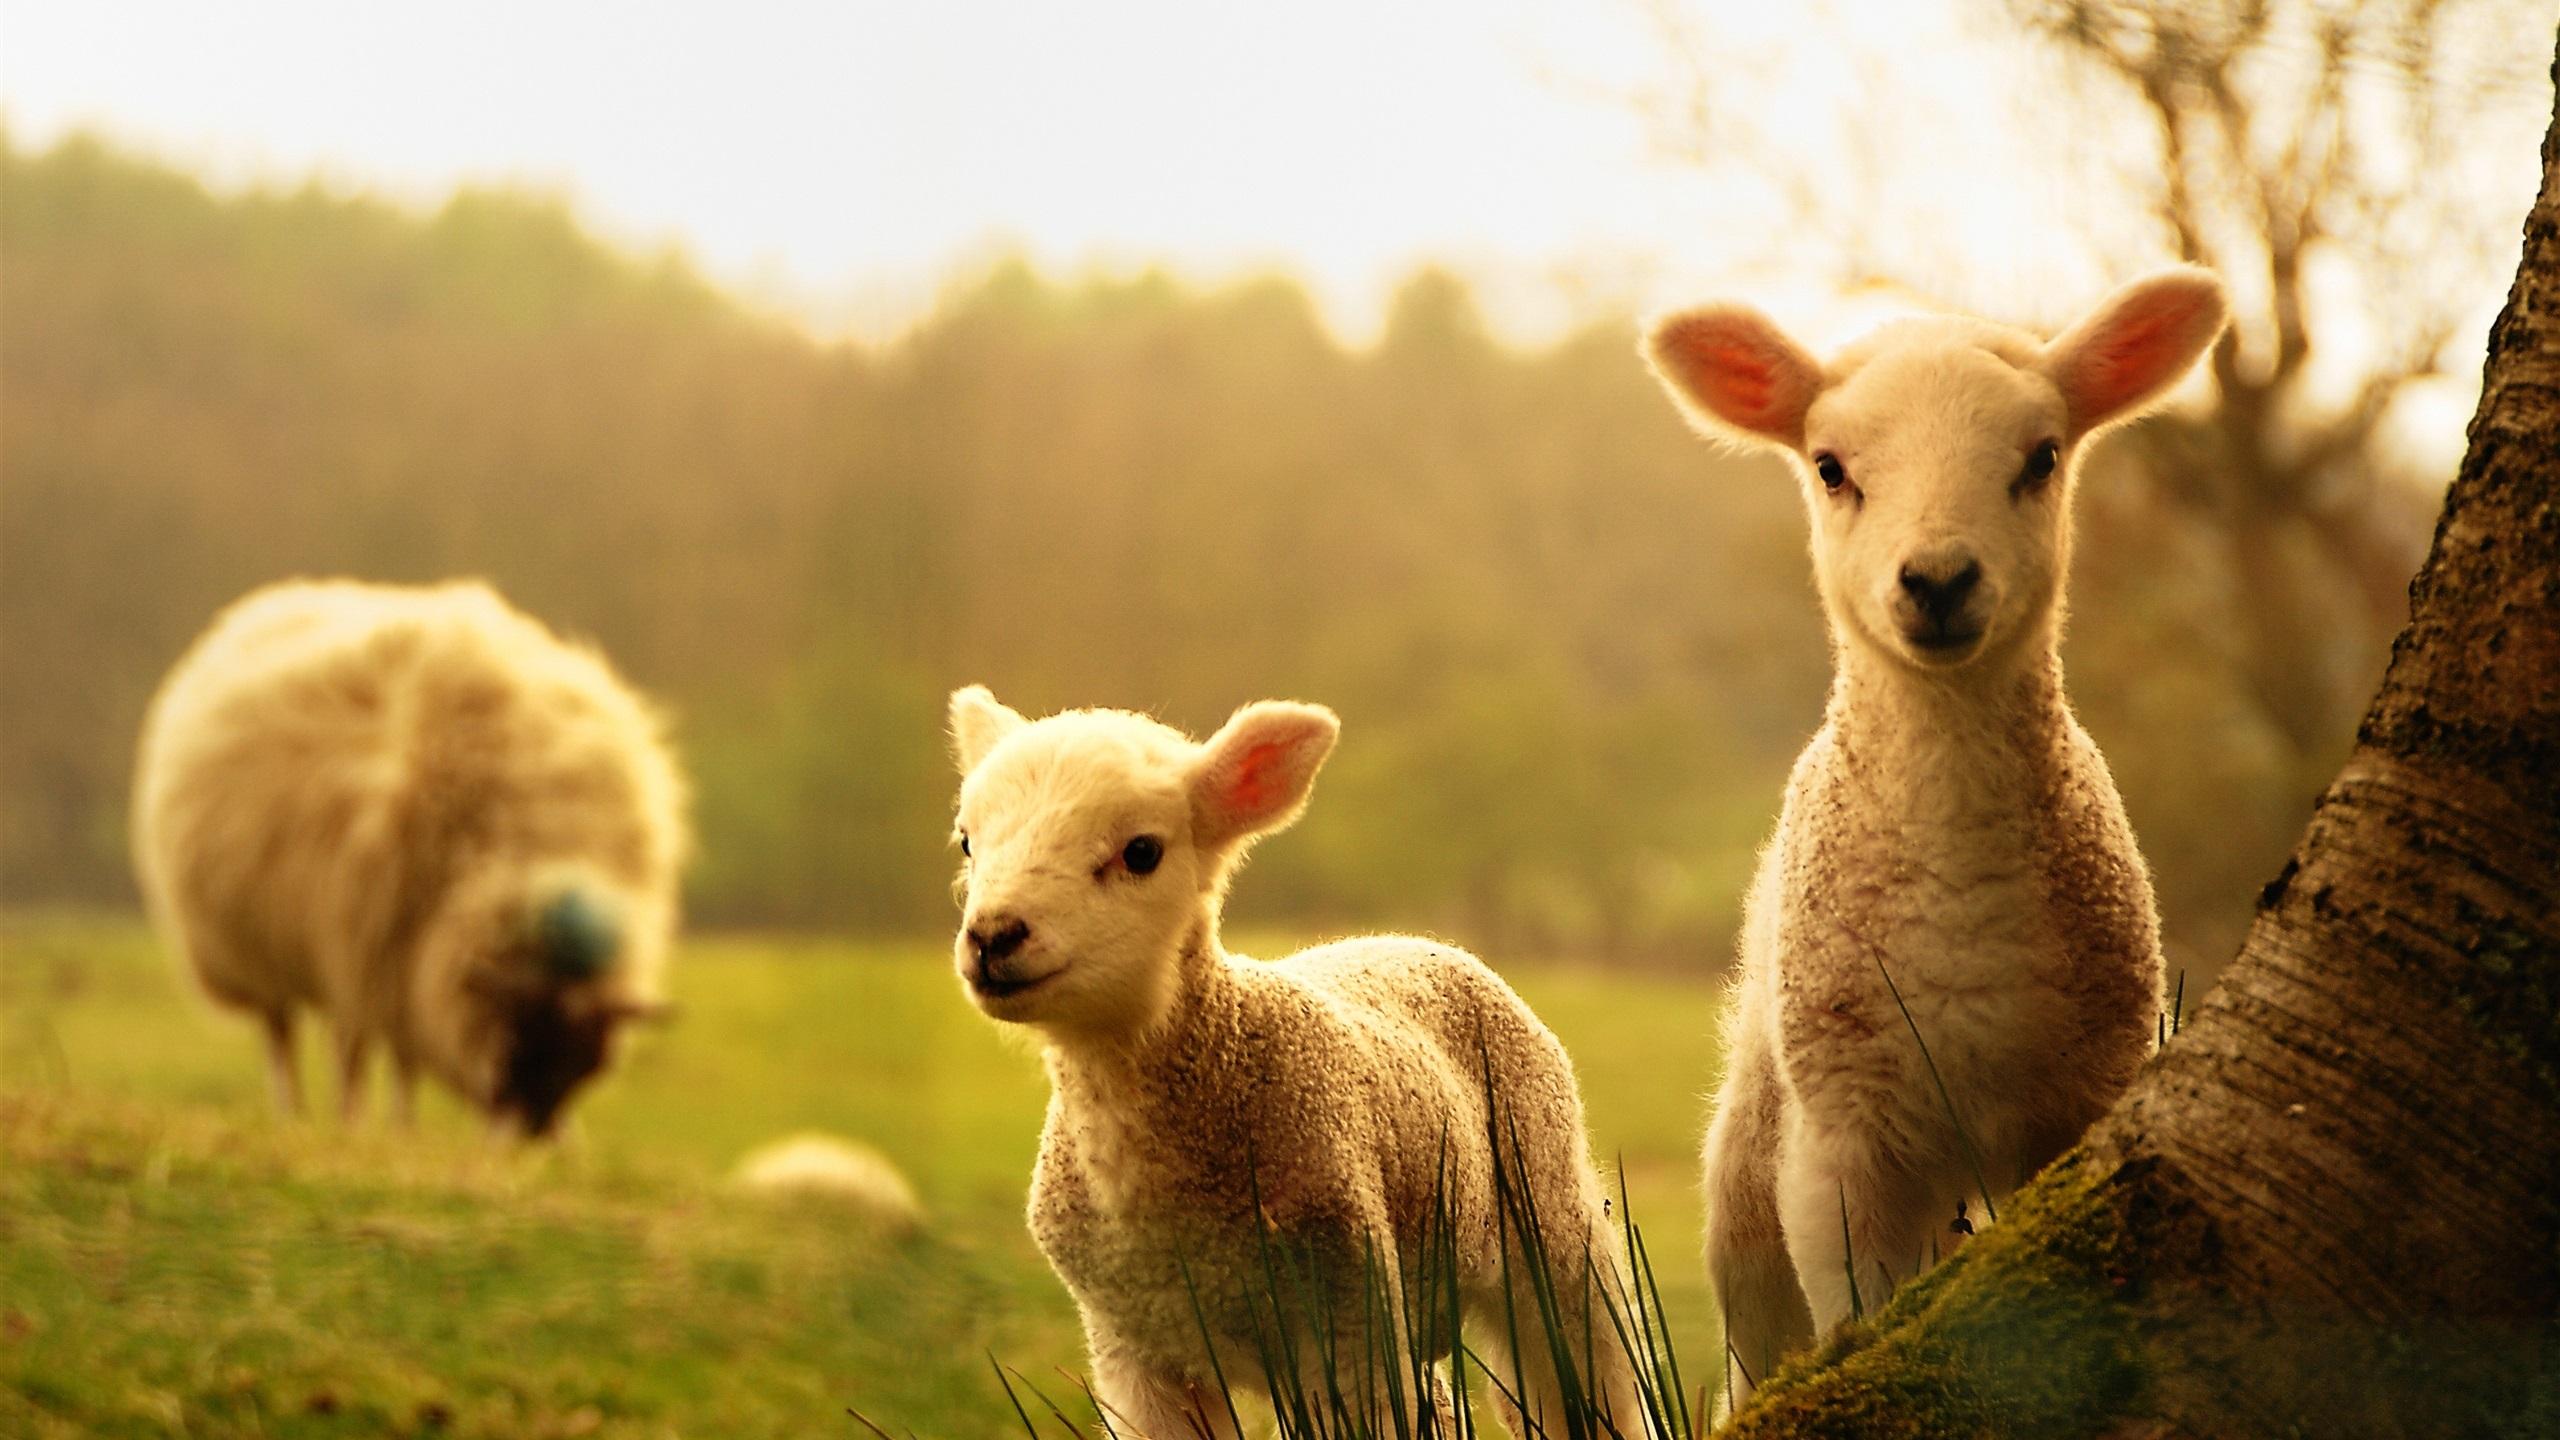 Fonds d 39 cran t l charger 2560x1440 moutons agneaux bois for Fond ecran qhd